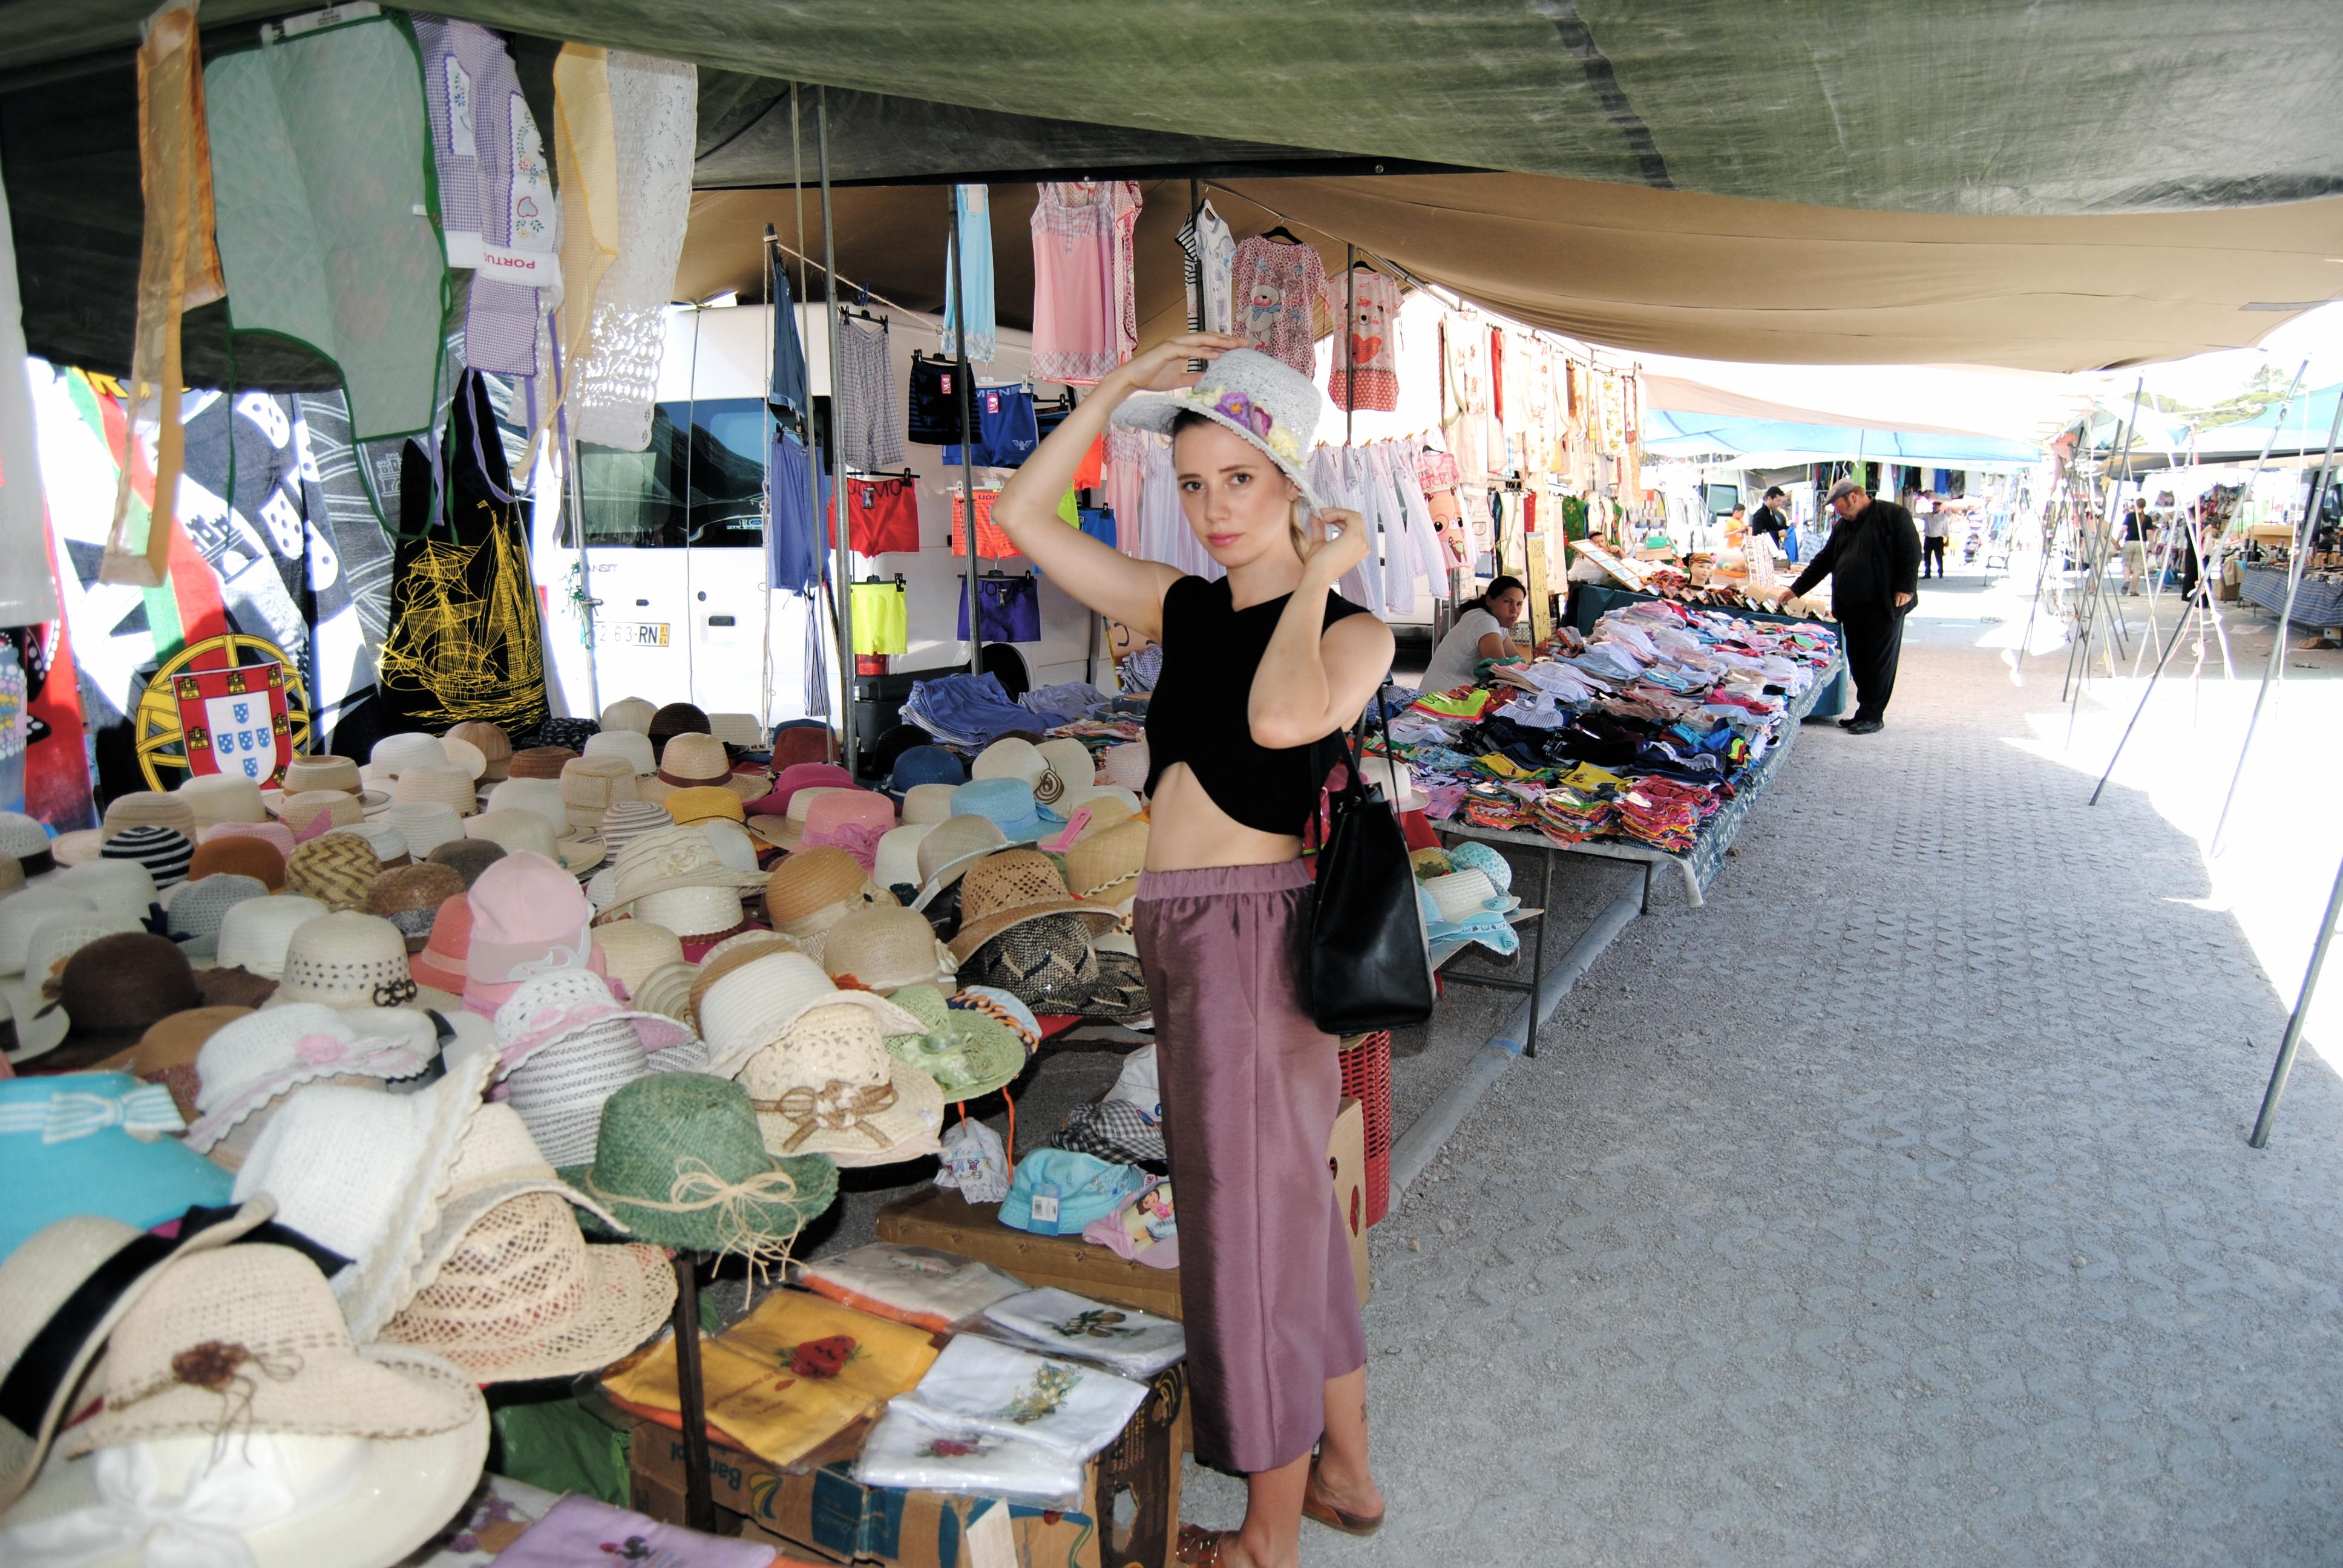 El mercadillo de almancil lifestyle portugal lulumai - Comprar ropa en portugal ...